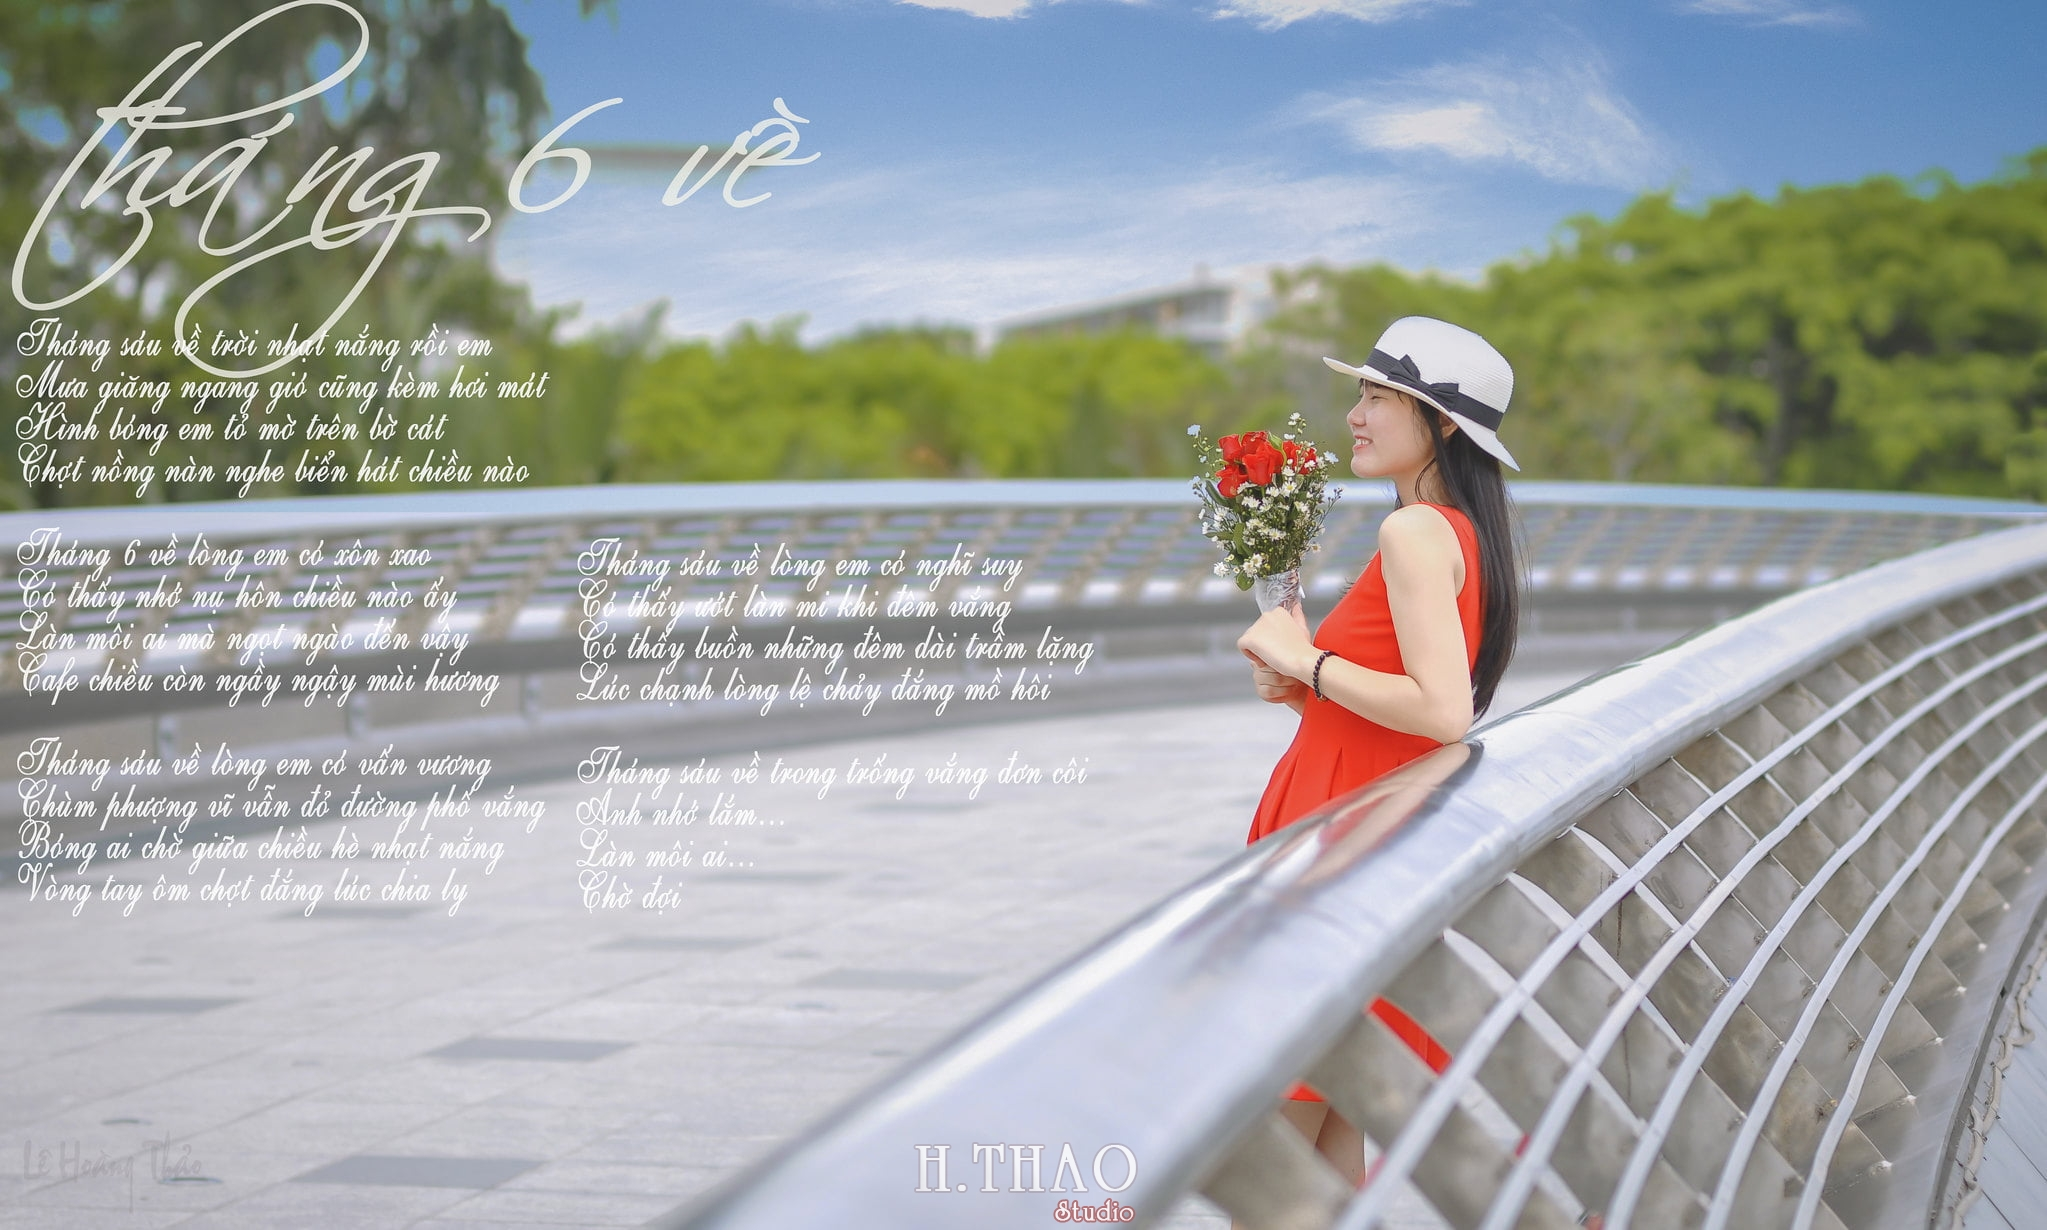 chup anh o cau anh sao 4 - Top 5 địa điểm chụp ảnh couple đẹp nhất Tp.HCM